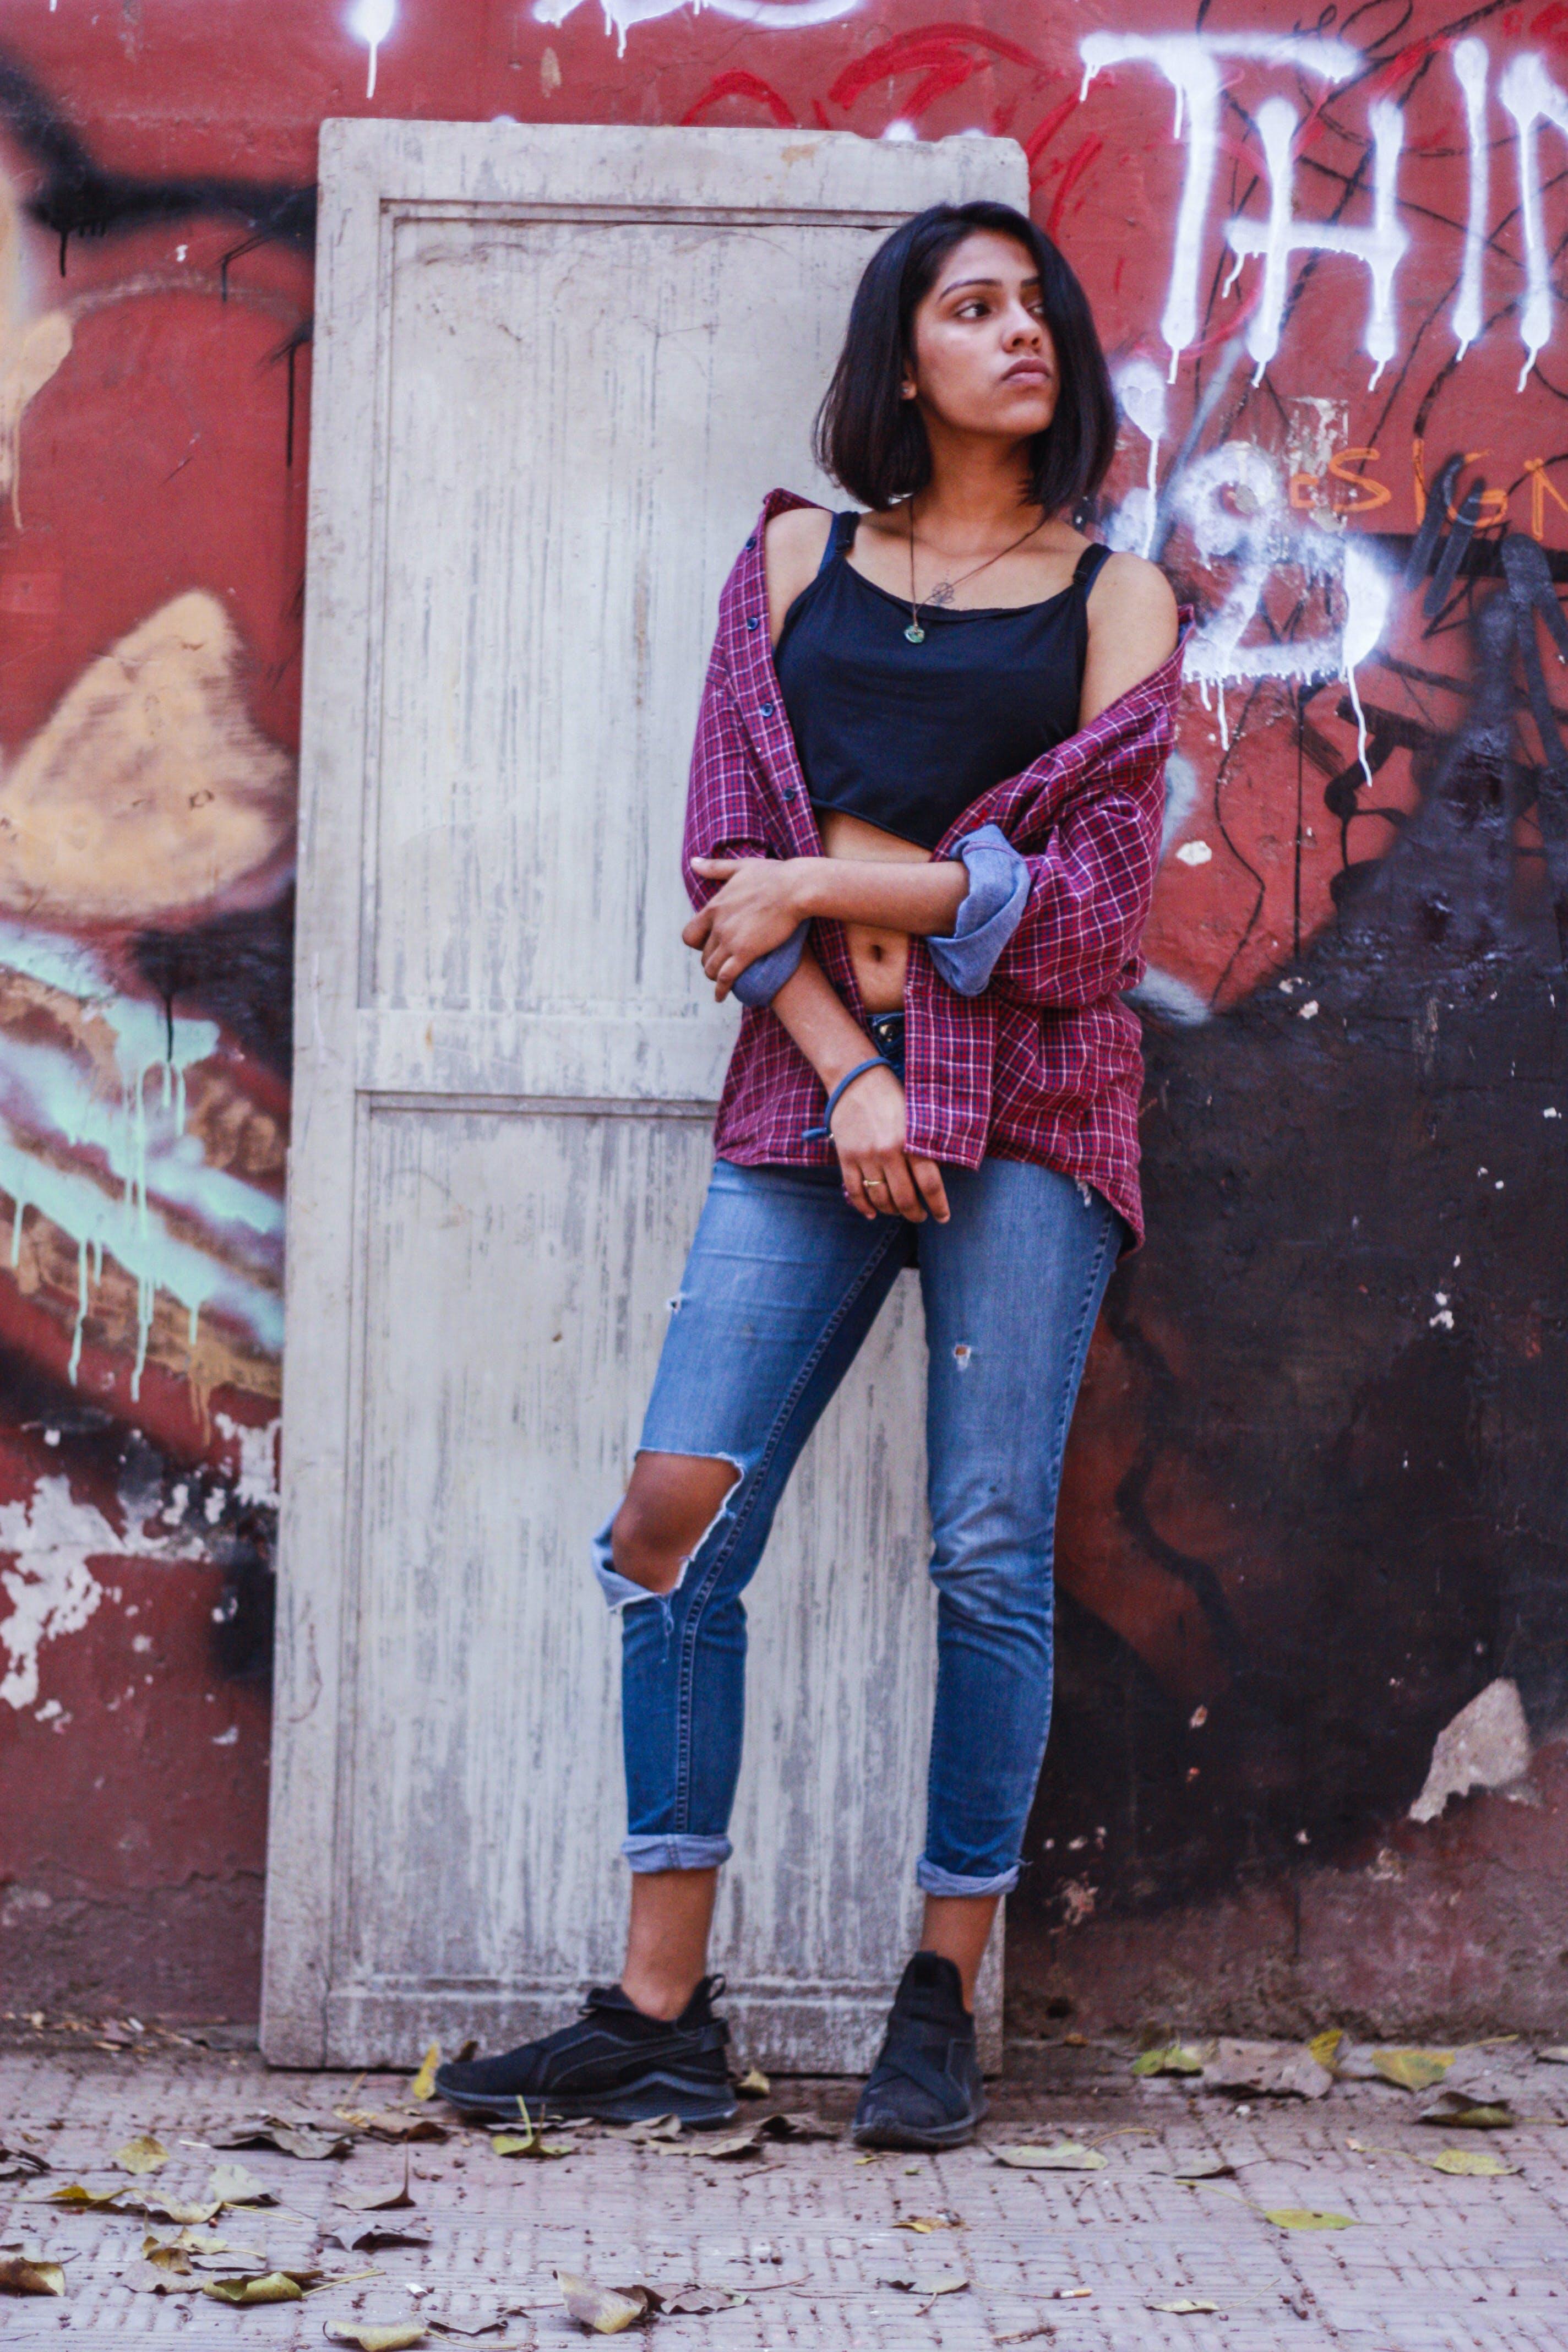 Δωρεάν στοκ φωτογραφιών με casual ρούχα, fashionphoto, fashionphotography, ασιάτες